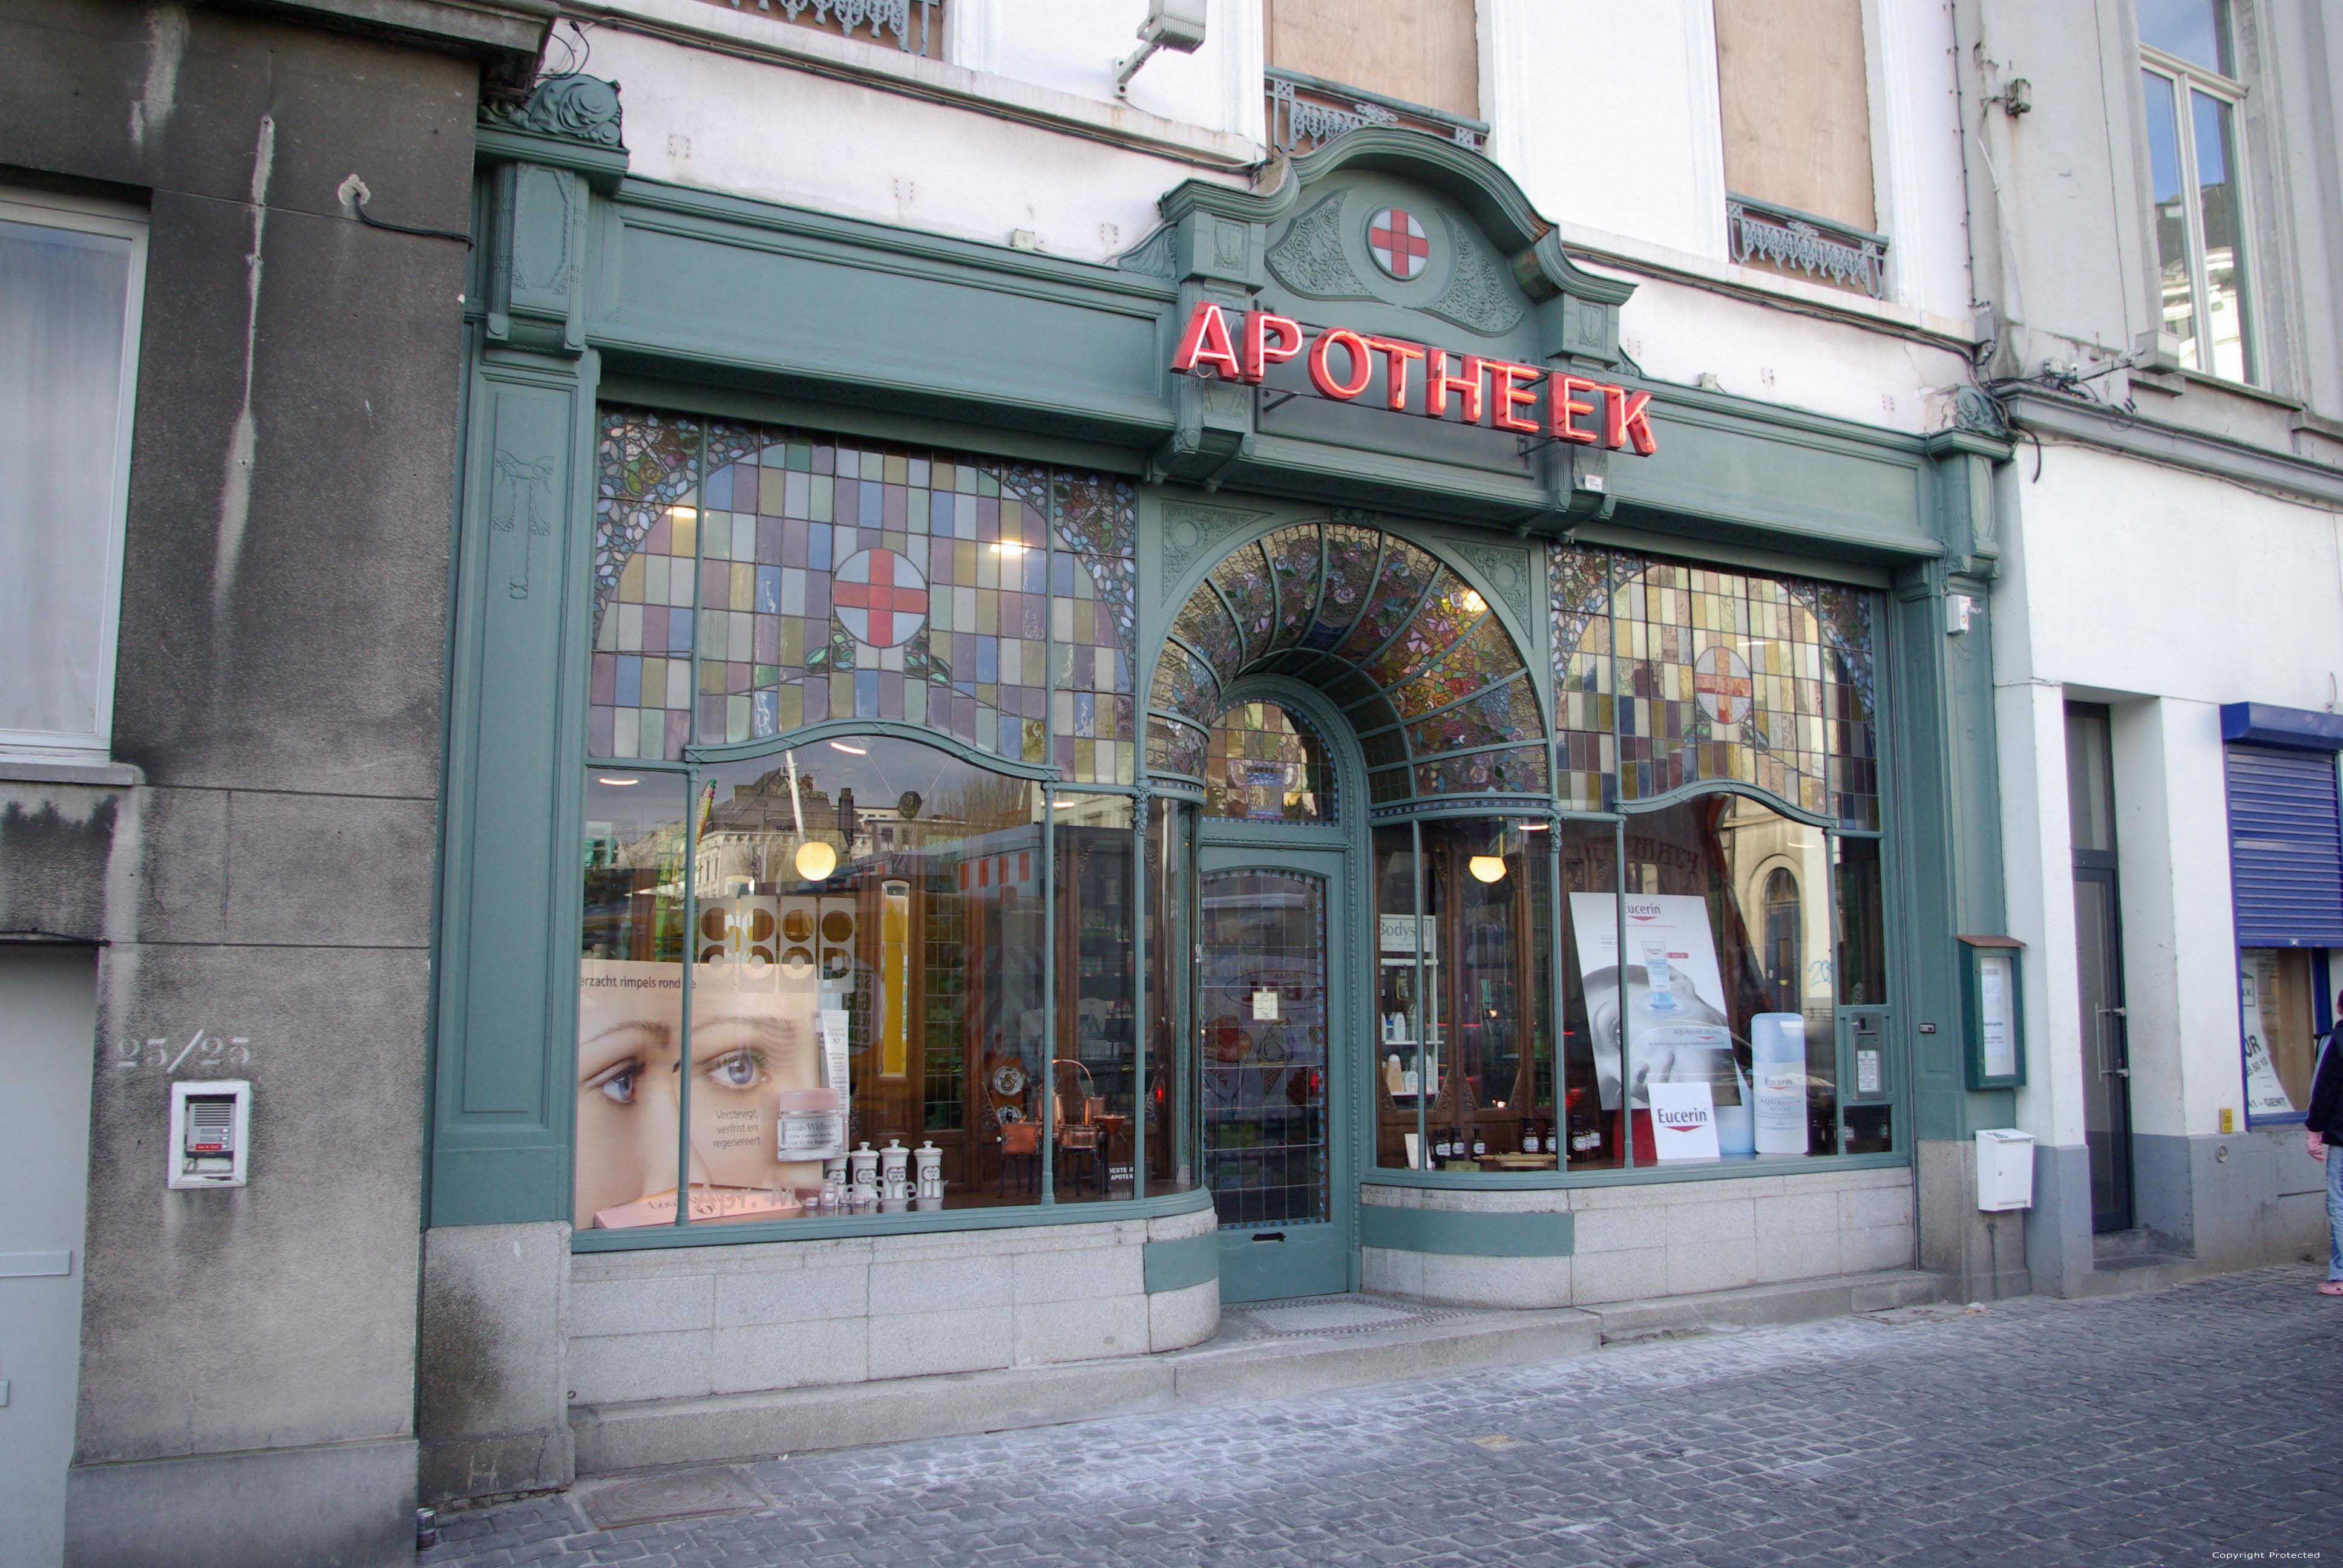 Apotheek goedertier gent belgi for Interieur winkel gent